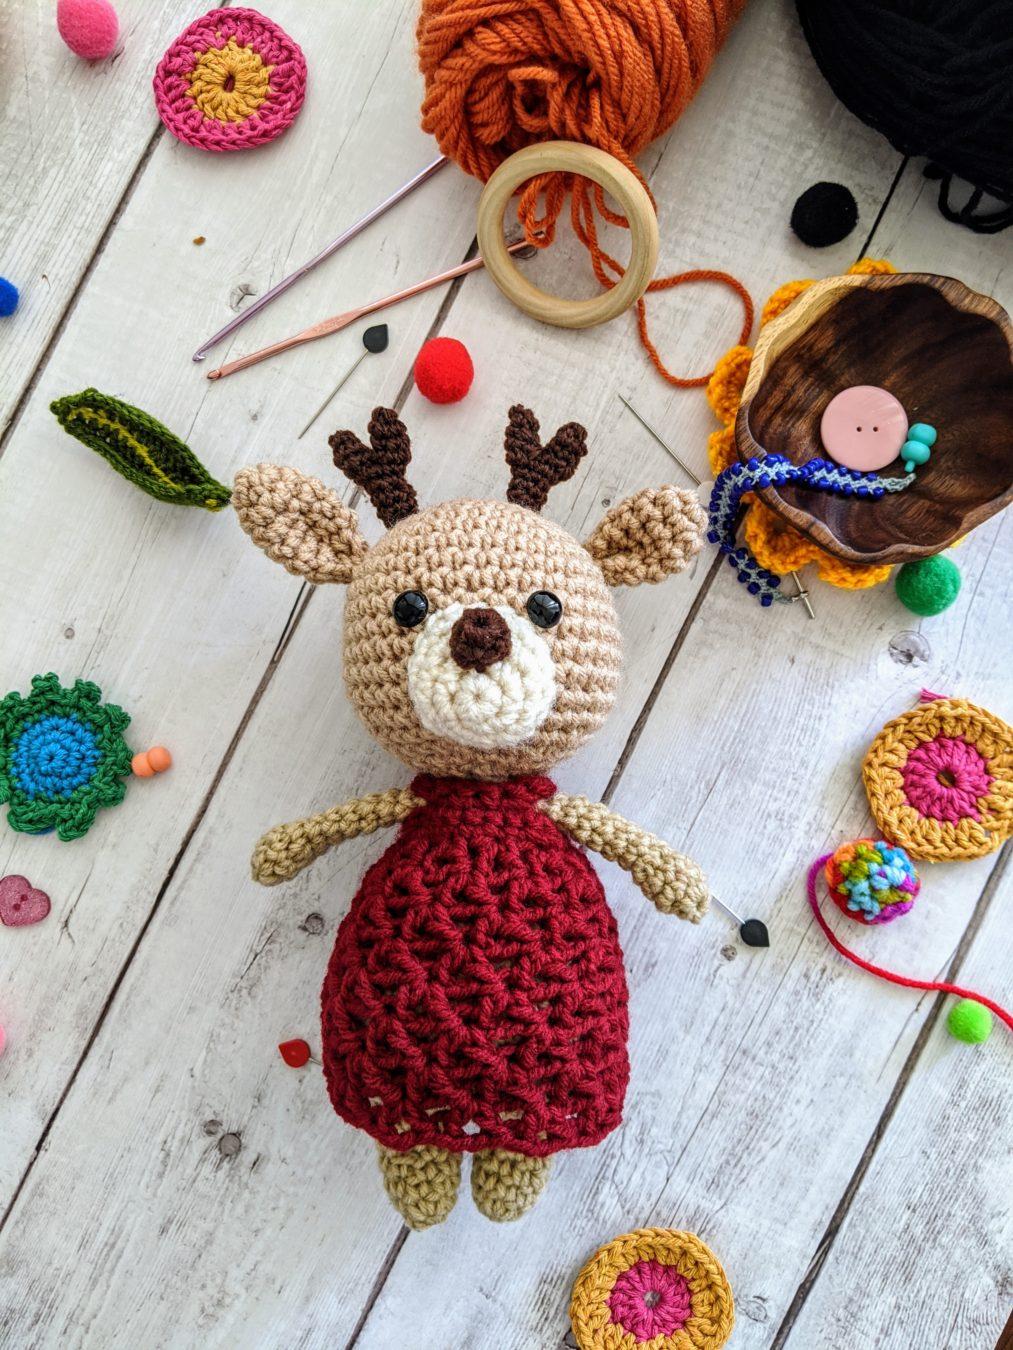 Crochet Baby Bee Free Pattern from Red Heart Yarns   Crochet bee ...   1350x1013